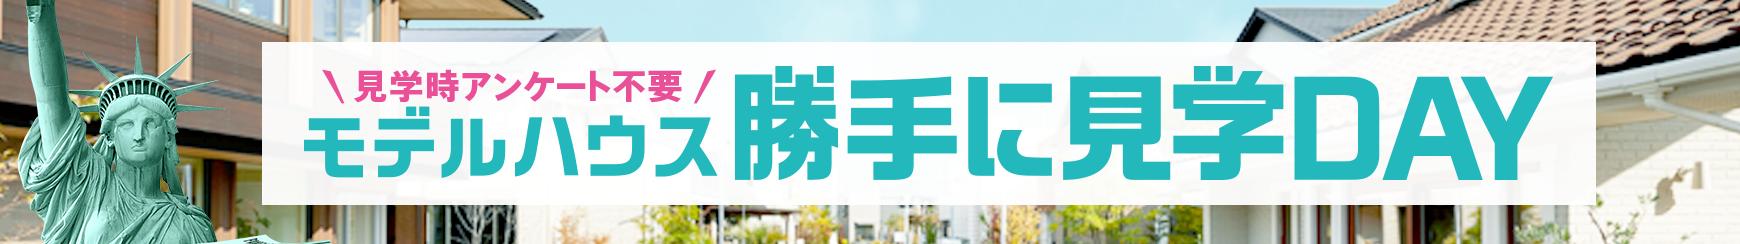 中京テレビハウジング モデルハウス勝手に見学DAY